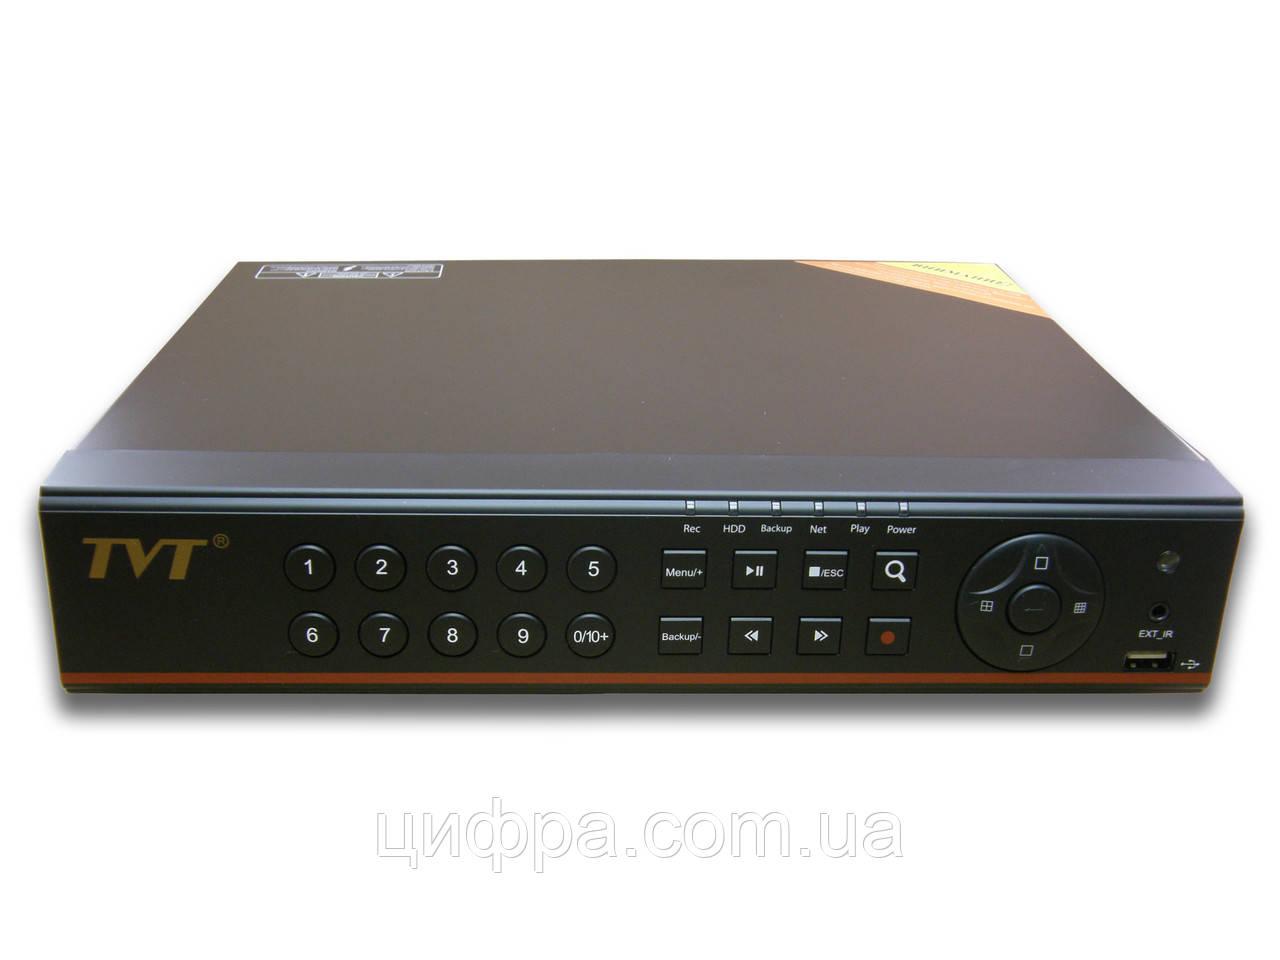 видеорегистратор tvt td-2308se-c инструкция